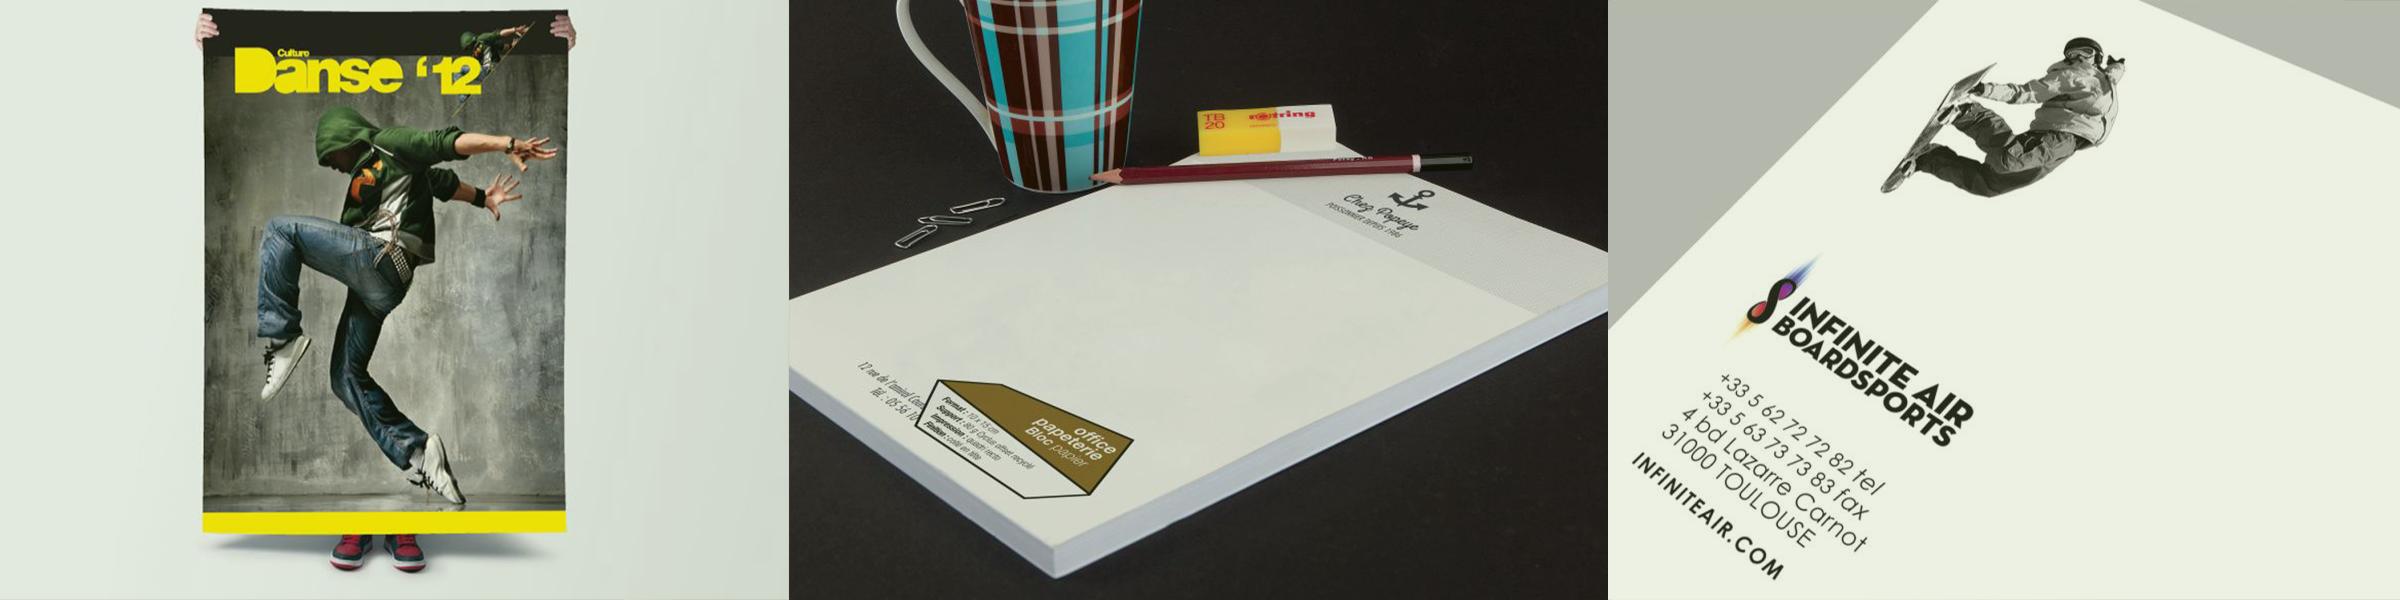 papier cyclus produits écolo exaprint